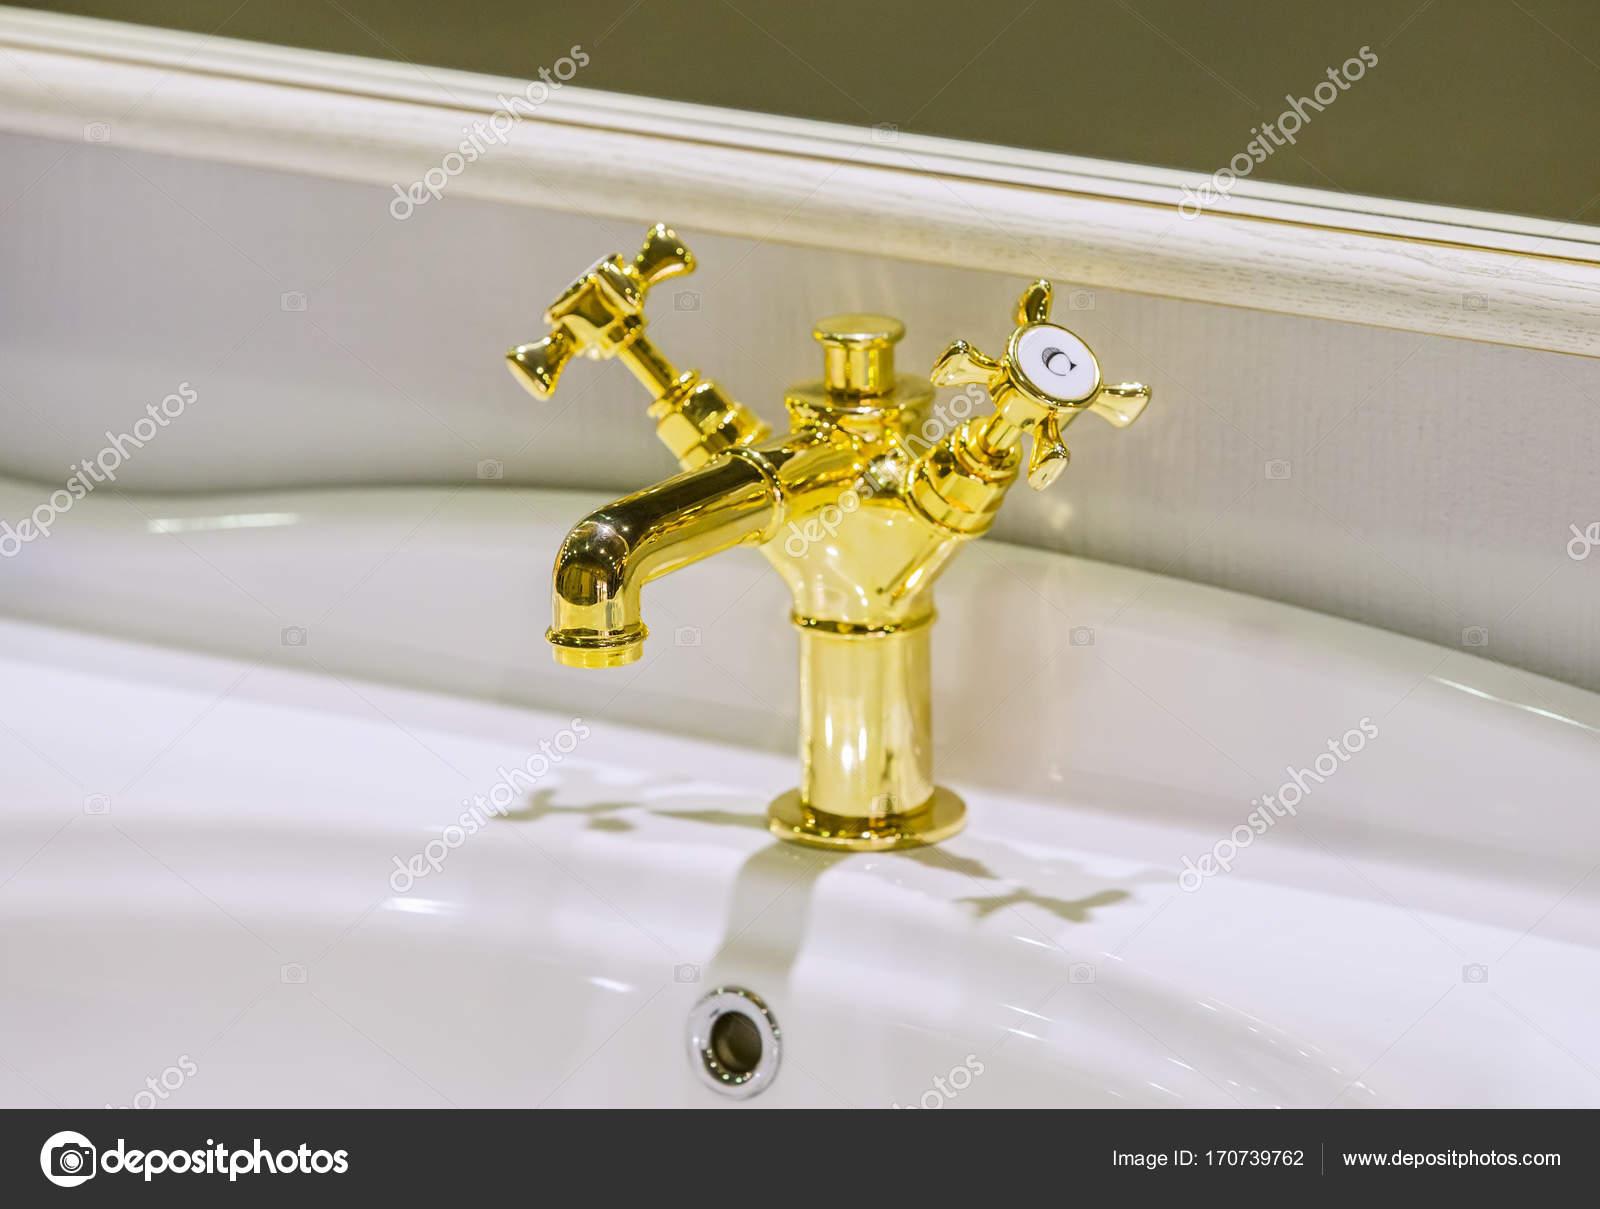 Rich Gold Bad Armatur Moderne Badezimmer Wasserhahn Stockfoto